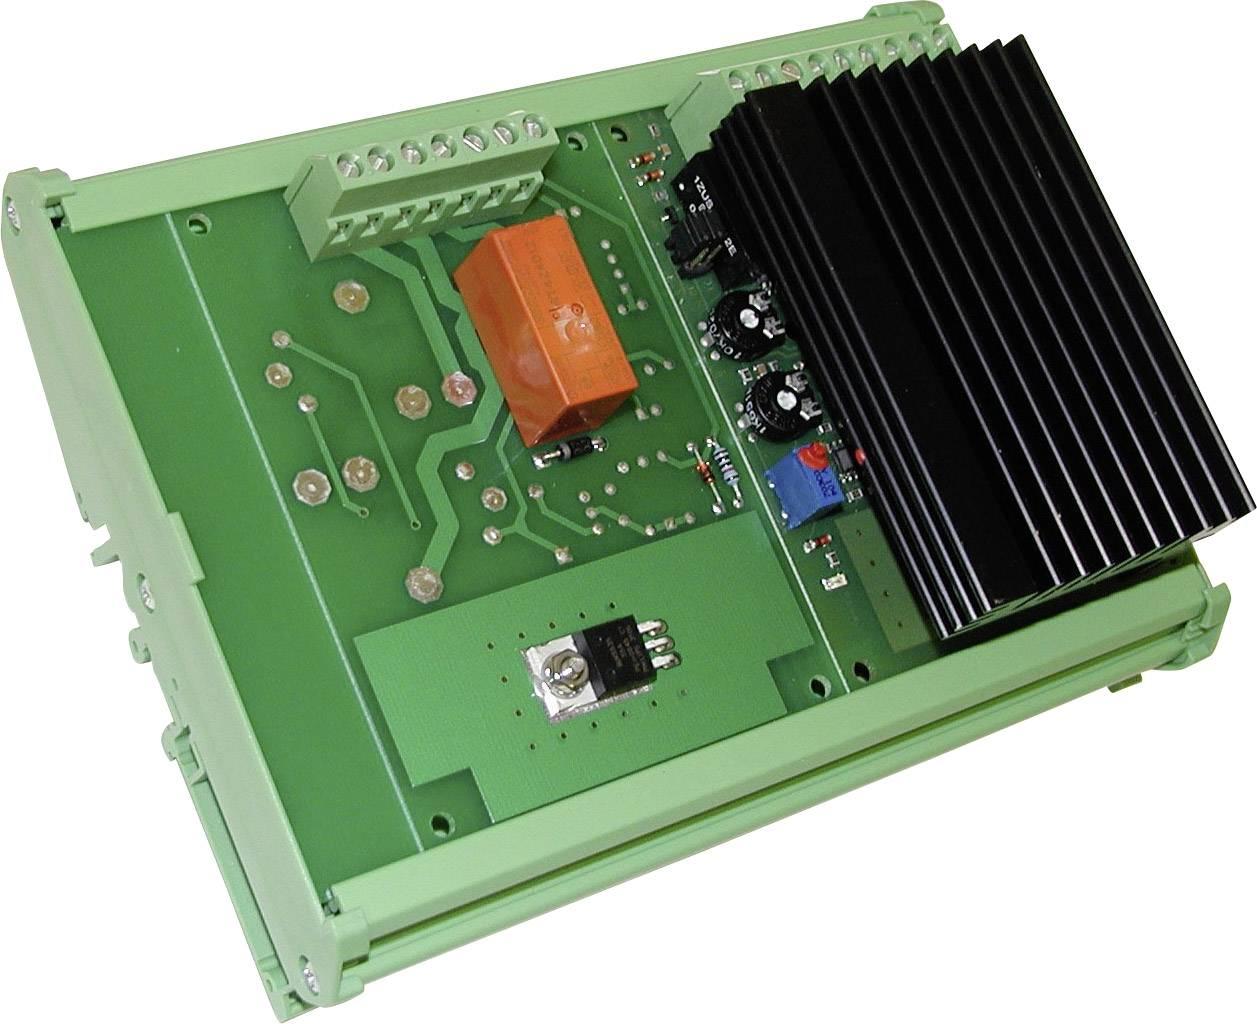 Regulátor otáčok pre DC motory EPH Elektronik GS24S/10/M/DW 360B.10.2/2236, 10 A, 24 V/DC